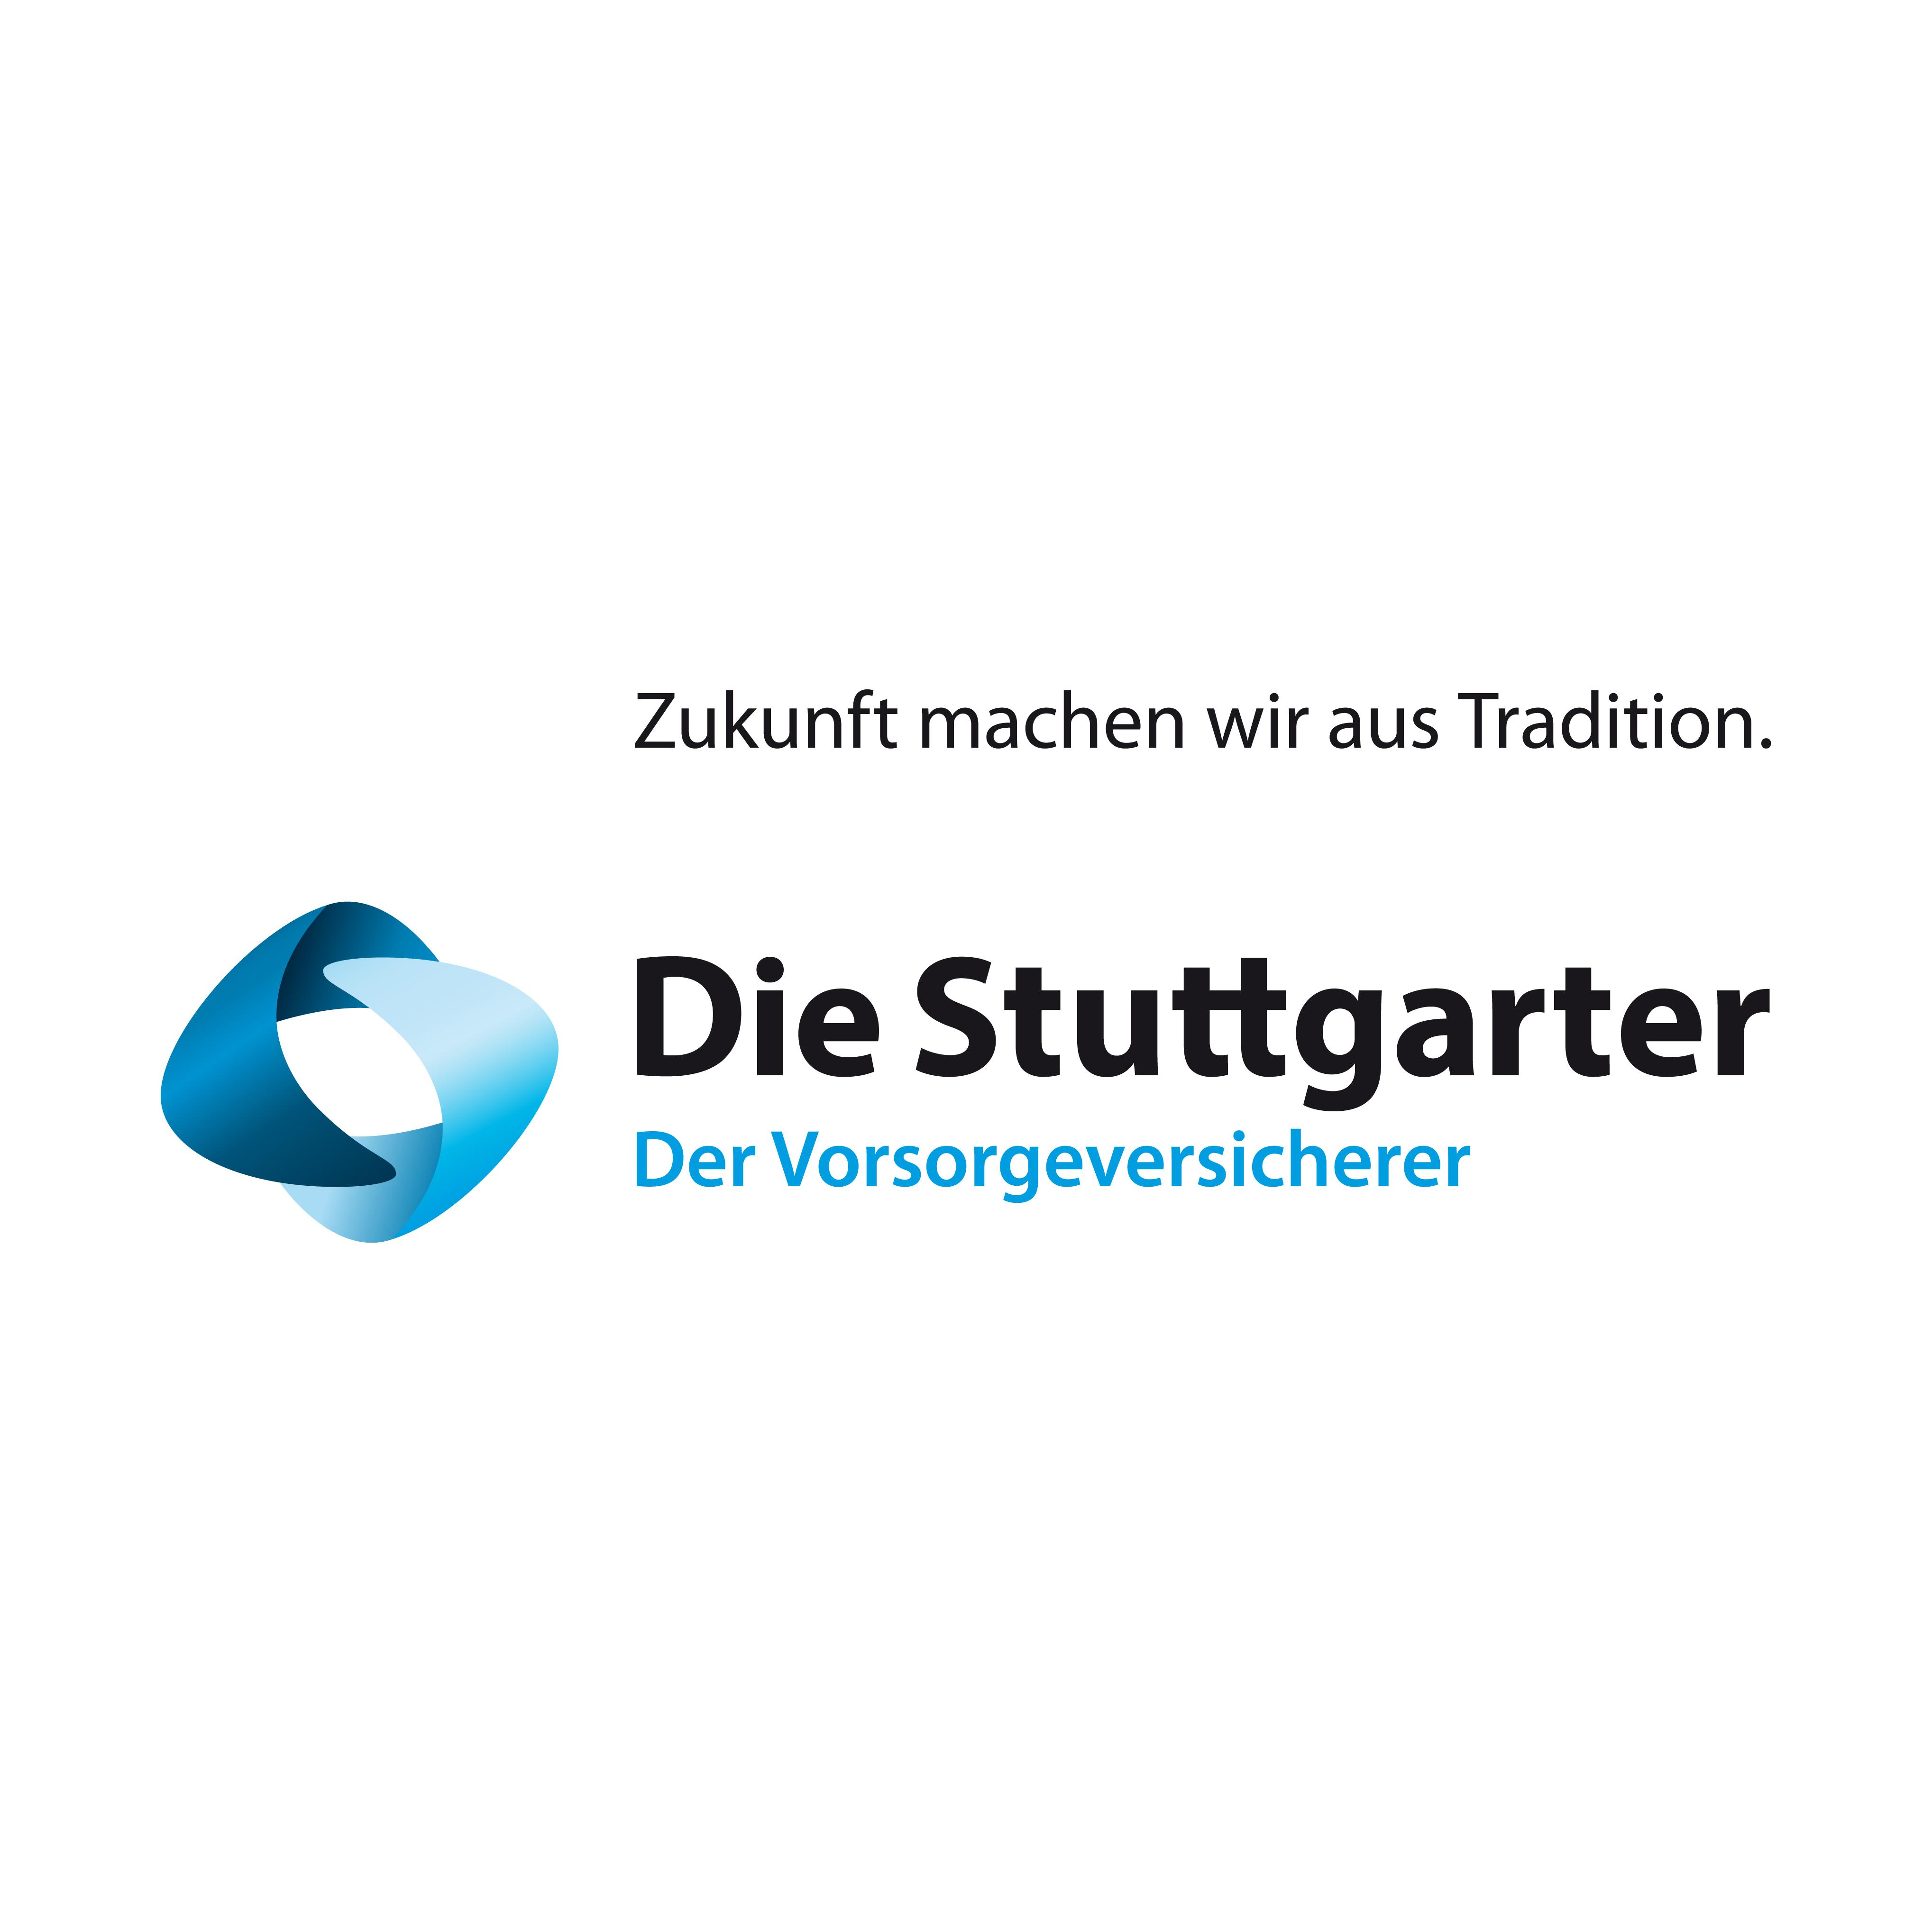 StuttgarterLVLogo_JPG.jpg